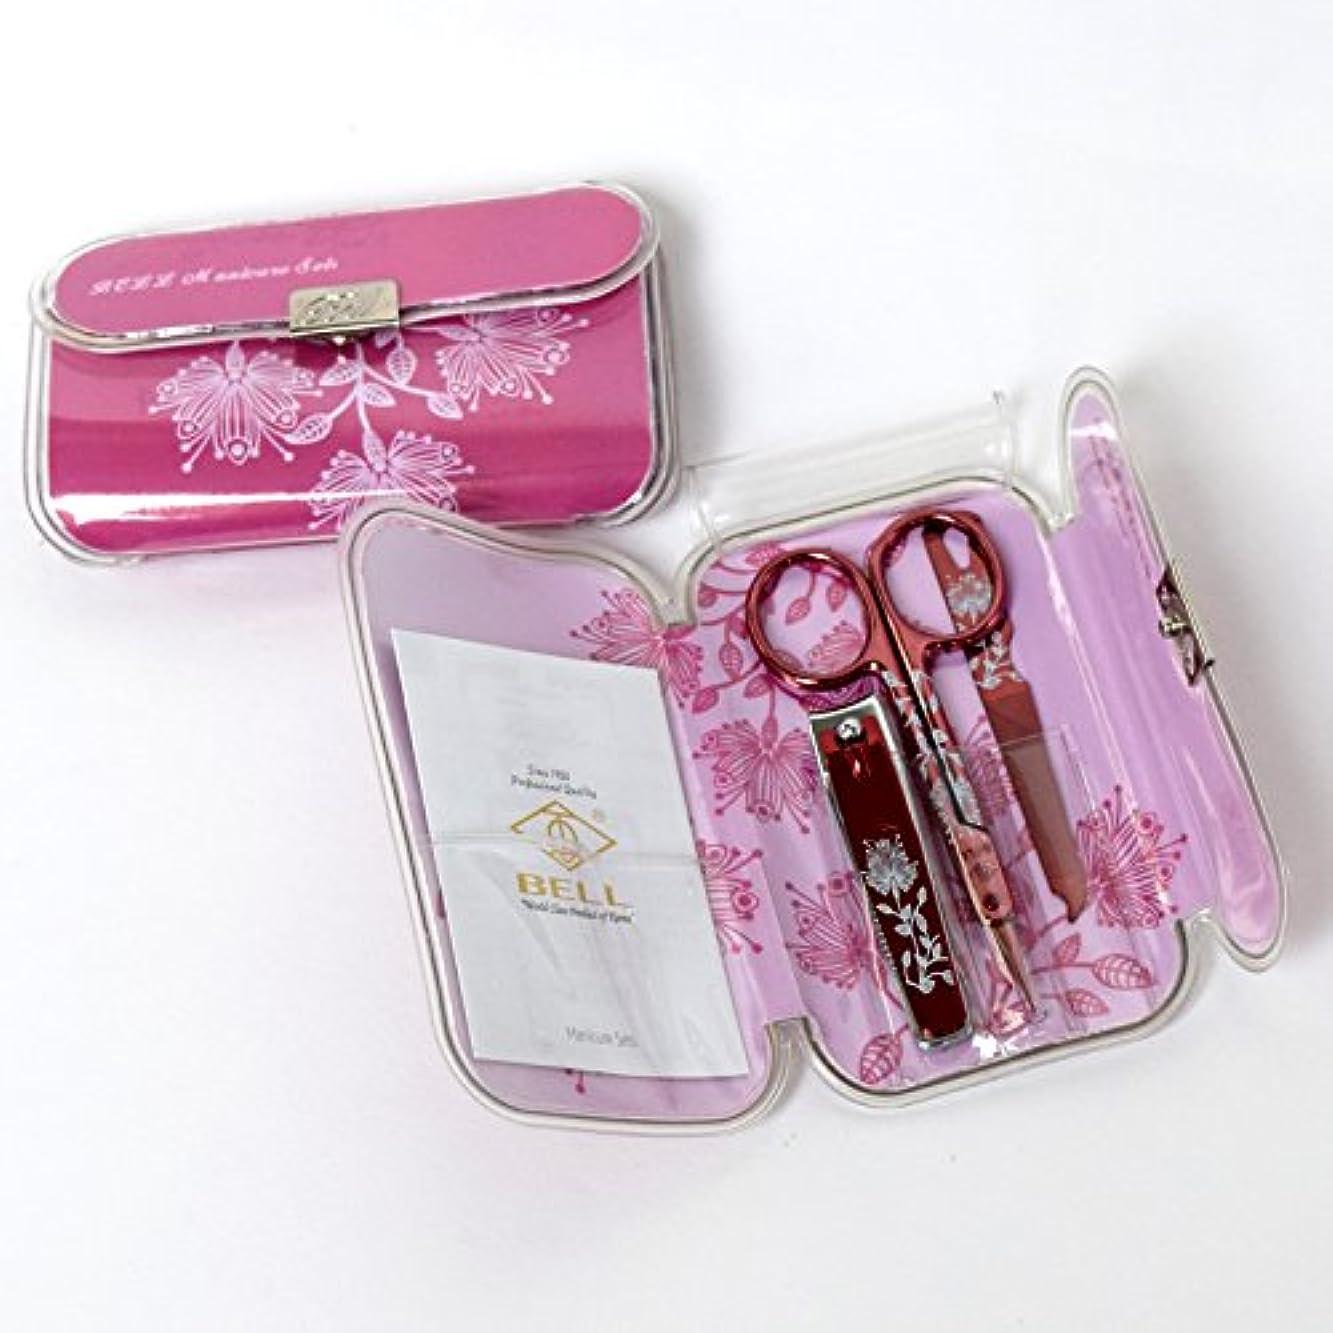 幸福高揚したアコードBELL Manicure Sets BM-330D ポータブル爪の管理セット 爪切りセット 高品質のネイルケアセット高級感のある東洋画のデザイン Portable Nail Clippers Nail Care Set